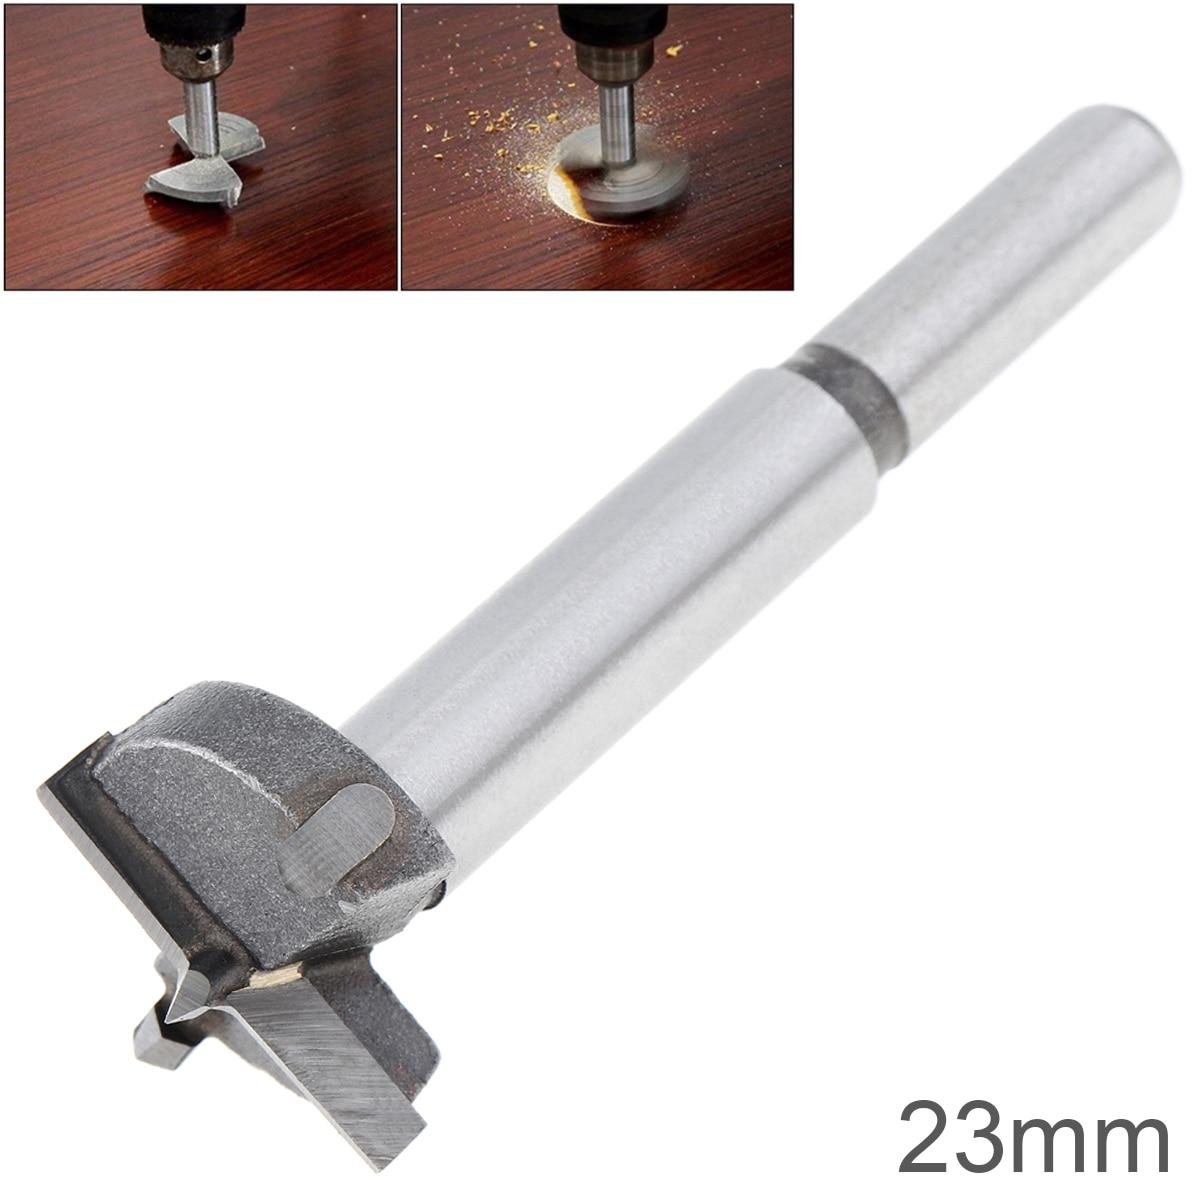 23 мм вольфрамовые стальные сверла из твердого сплава для деревообработки для сверления на гипсокартоне/пластиковой доске/деревянной доске